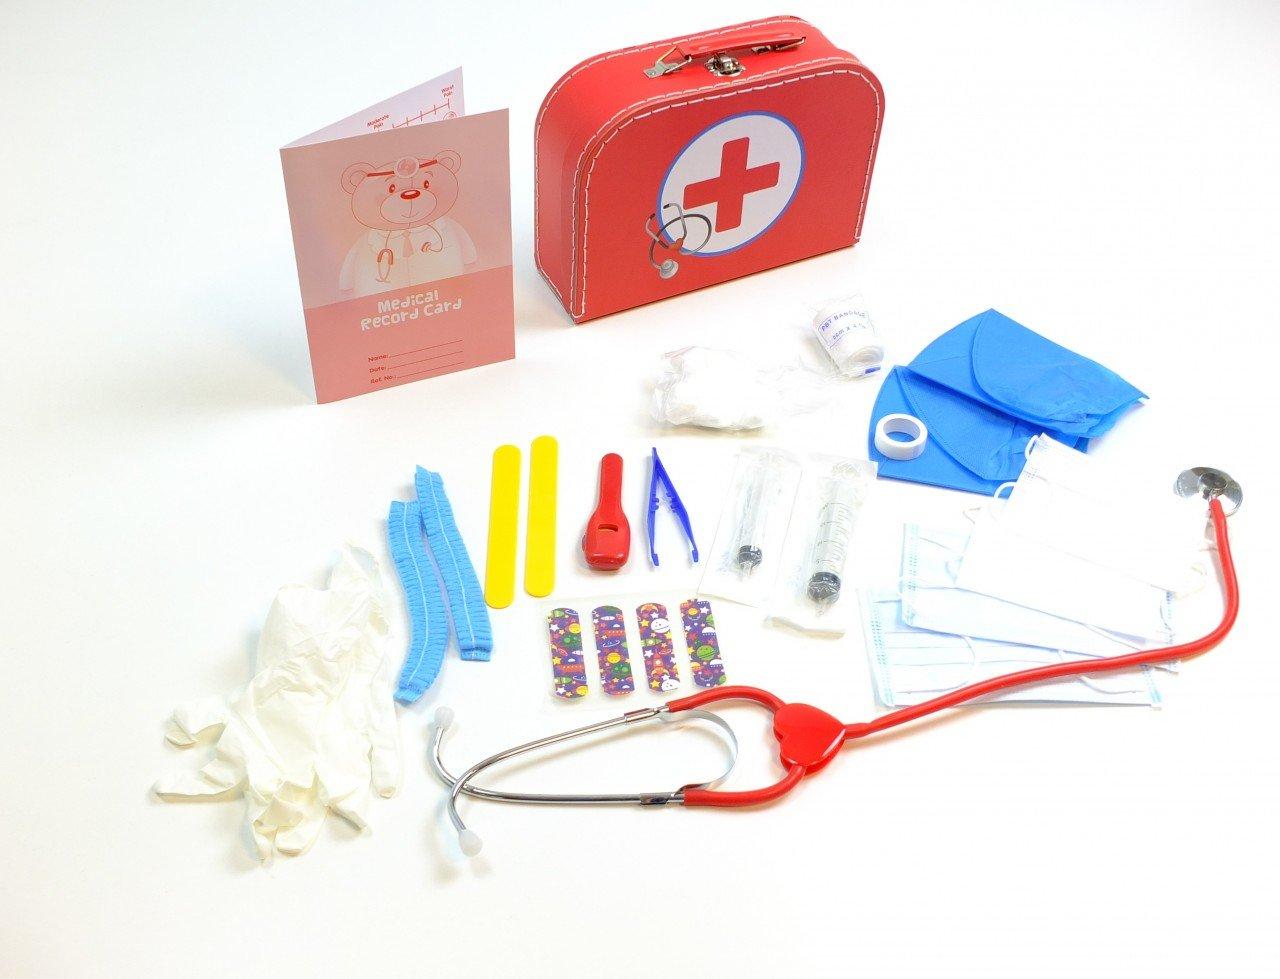 Doktor Koffer / stabiler Pappkoffer mit Metallgriff / mit medizinischen Instrumenten und Zubehör / Material: Pappe, Metall + Kunststoff / Maße: 25 x 18 x 8 cm / für Kinder ab 3 Jahren HUB-Toys